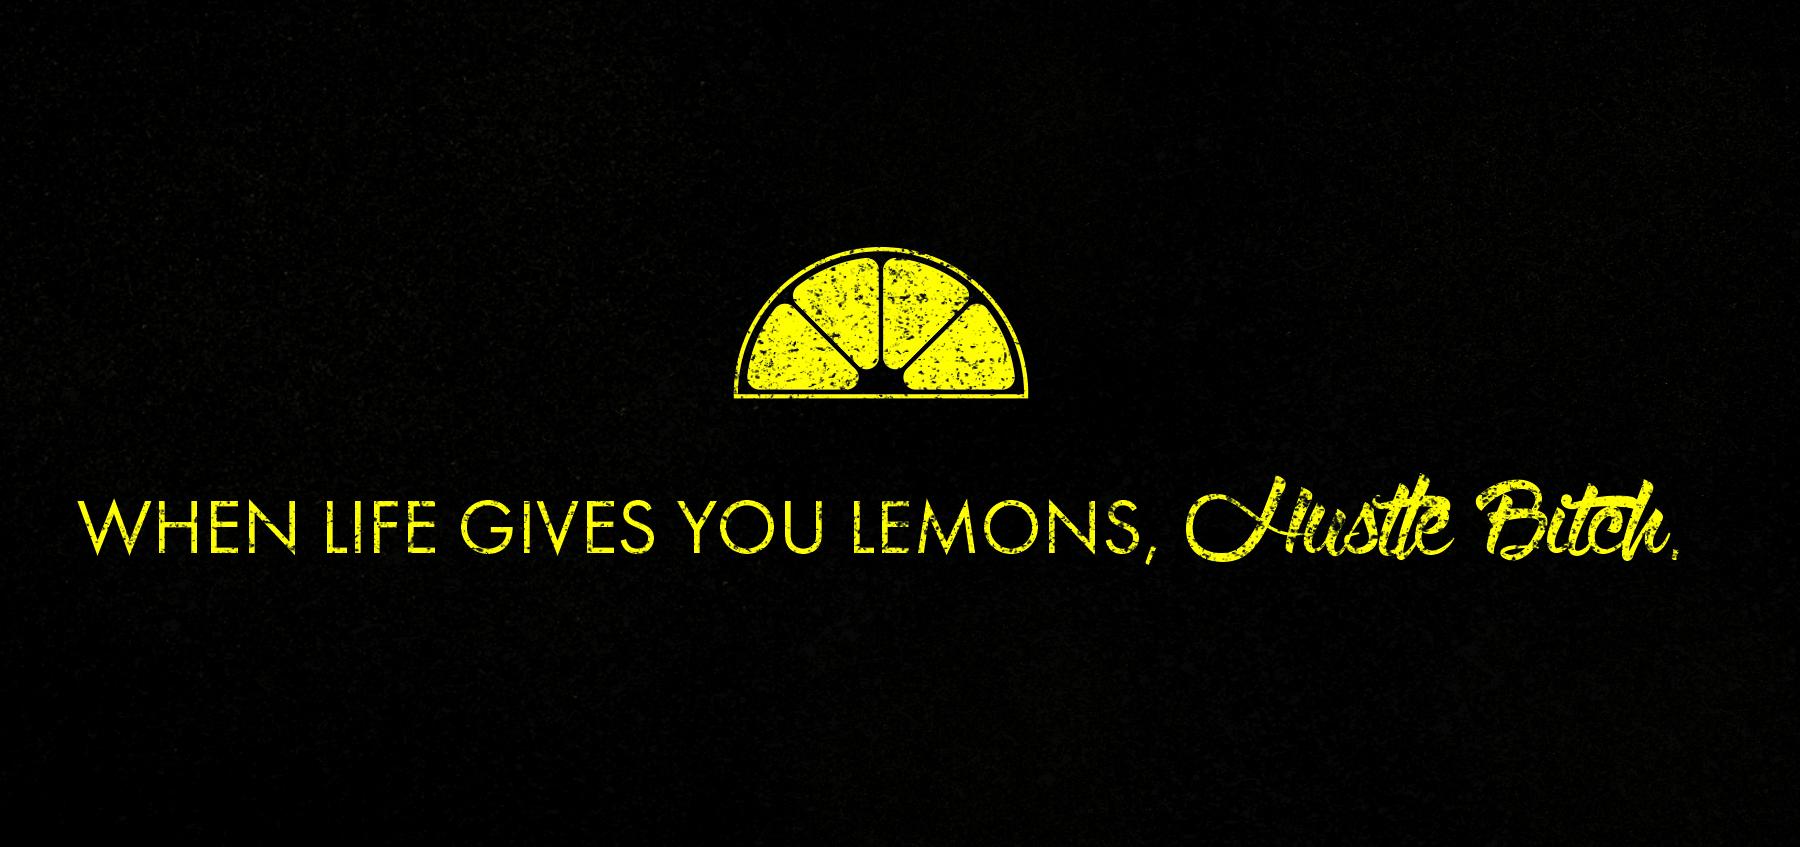 lemons done.jpg